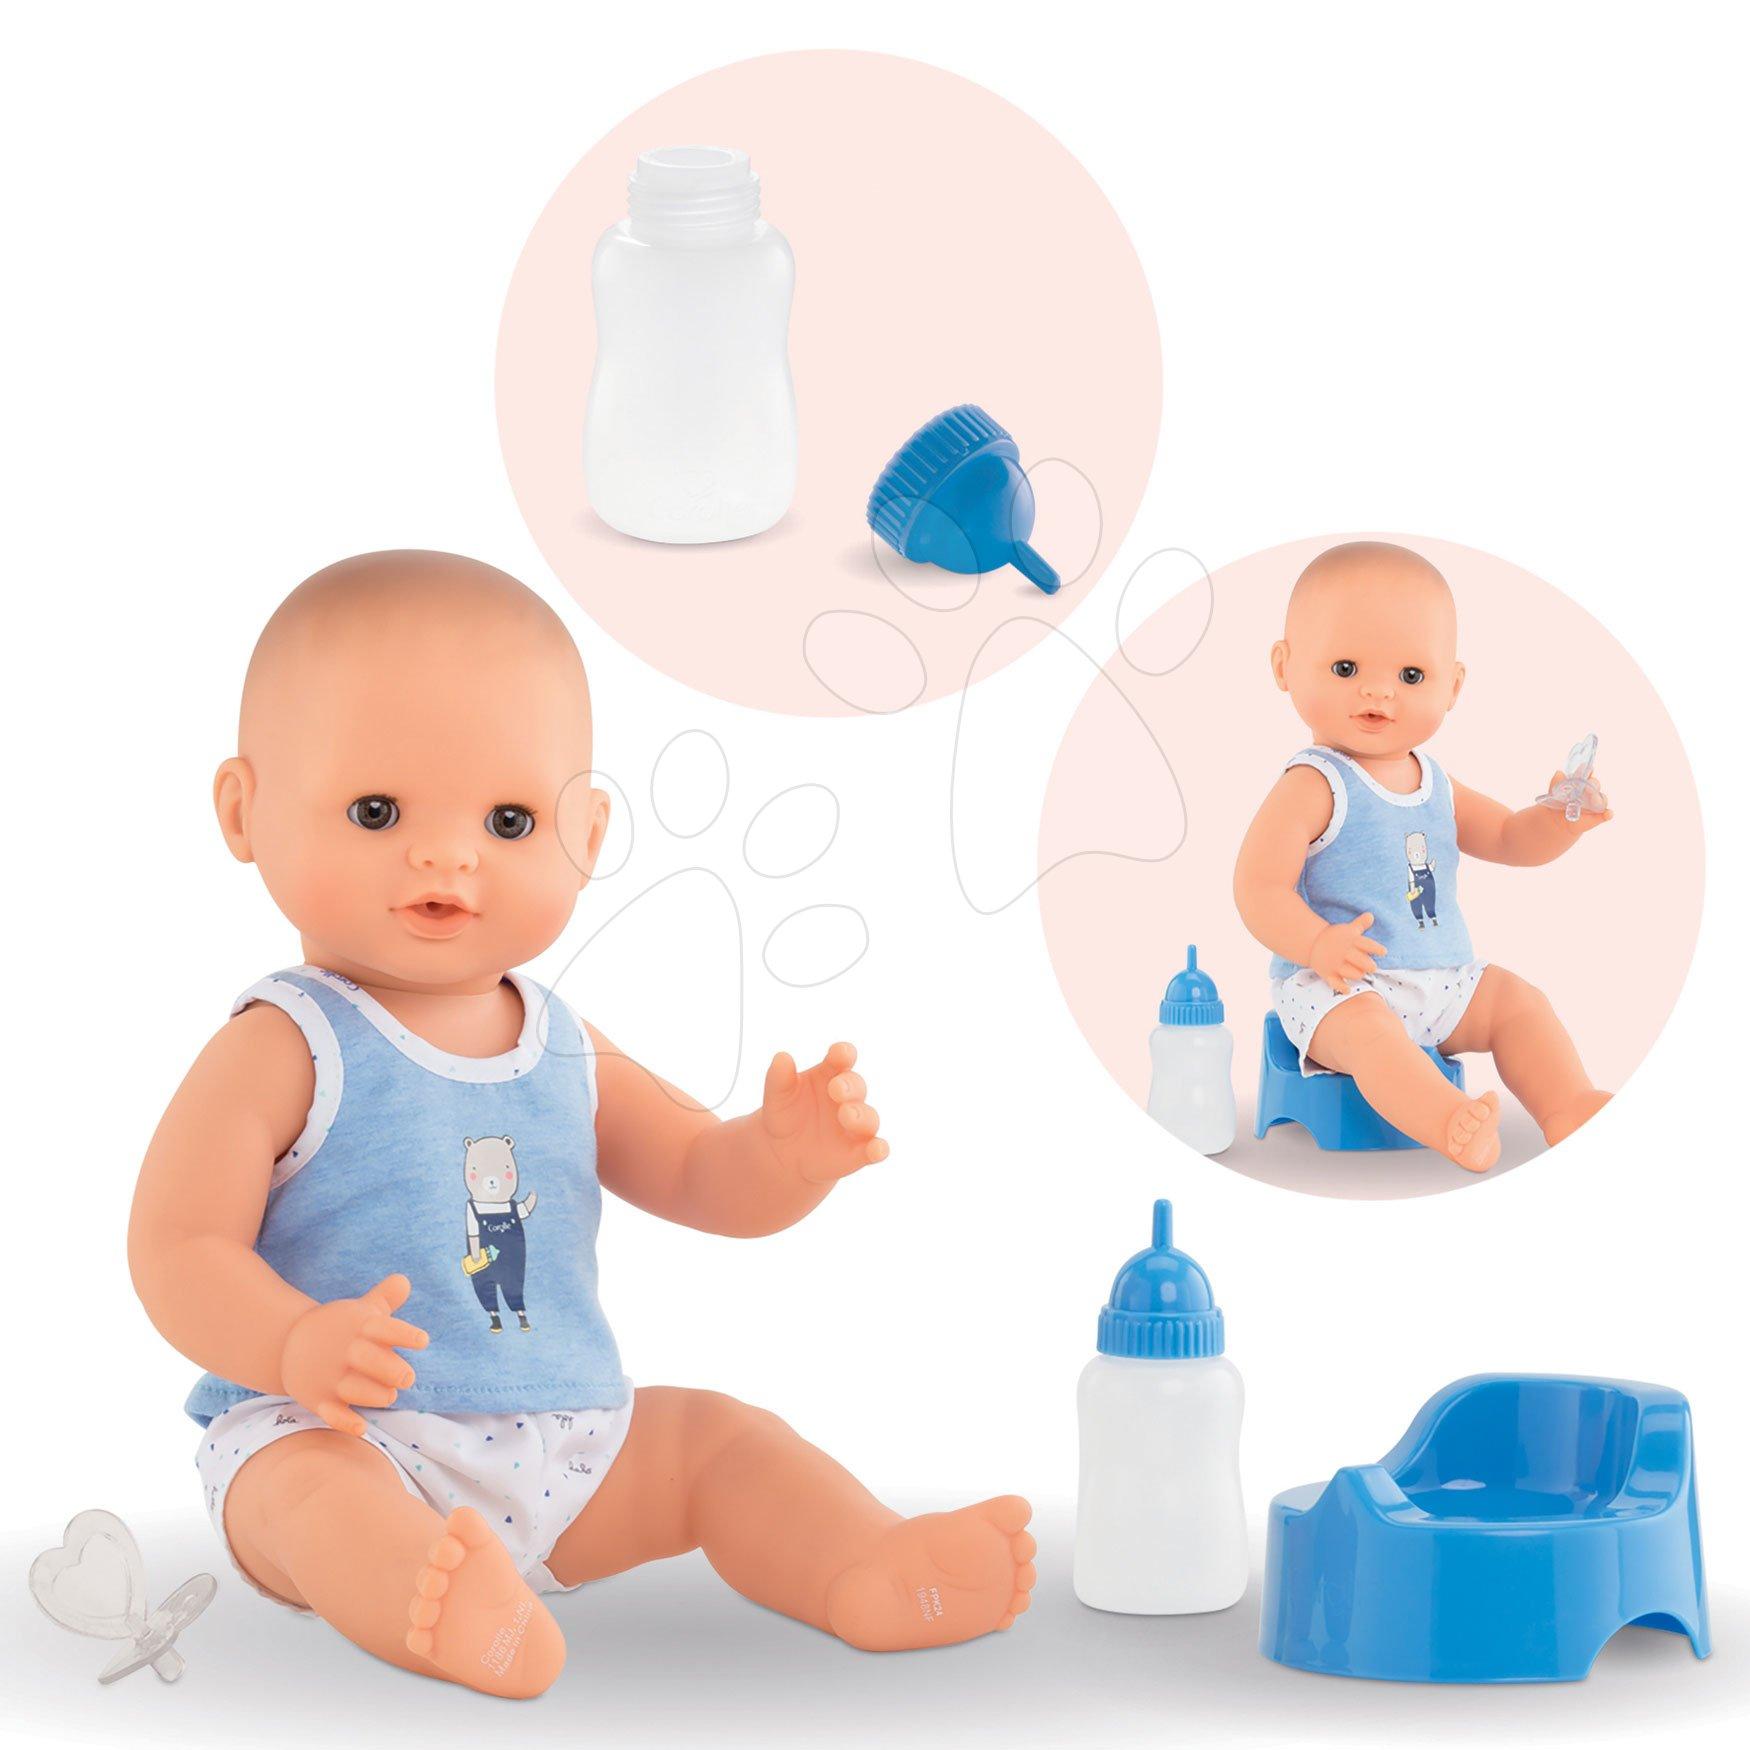 Bábiky od 24 mesiacov - Bábika Paul pije ciká a kúpe sa Mon Grand Poupon Corolle 36 cm s hnedými klipkajúcimi očami a 3 doplnky od 24 mes